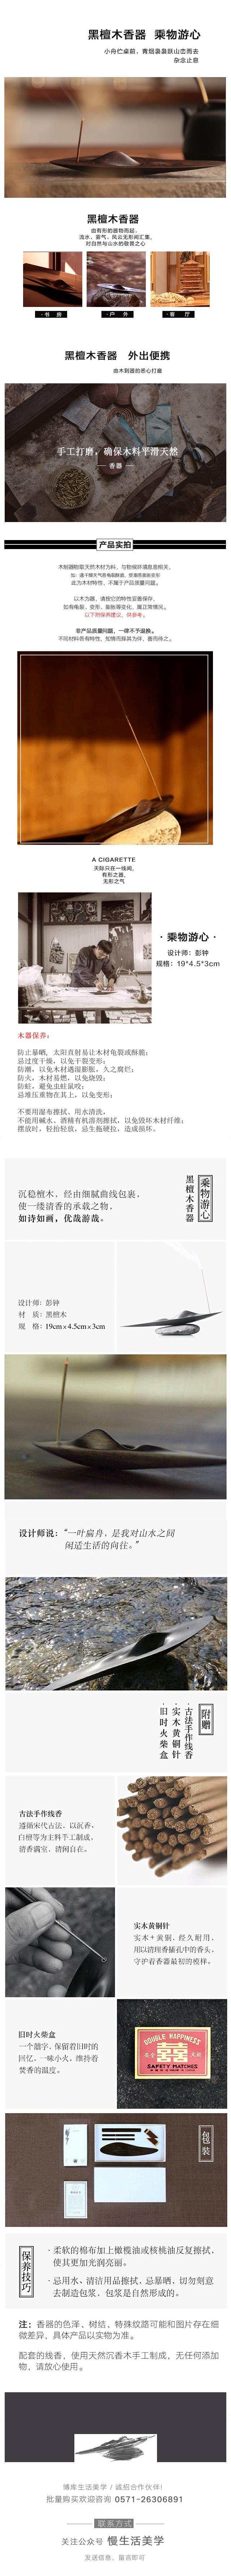 20170204弗居详情页-乘物游心(静态).jpg